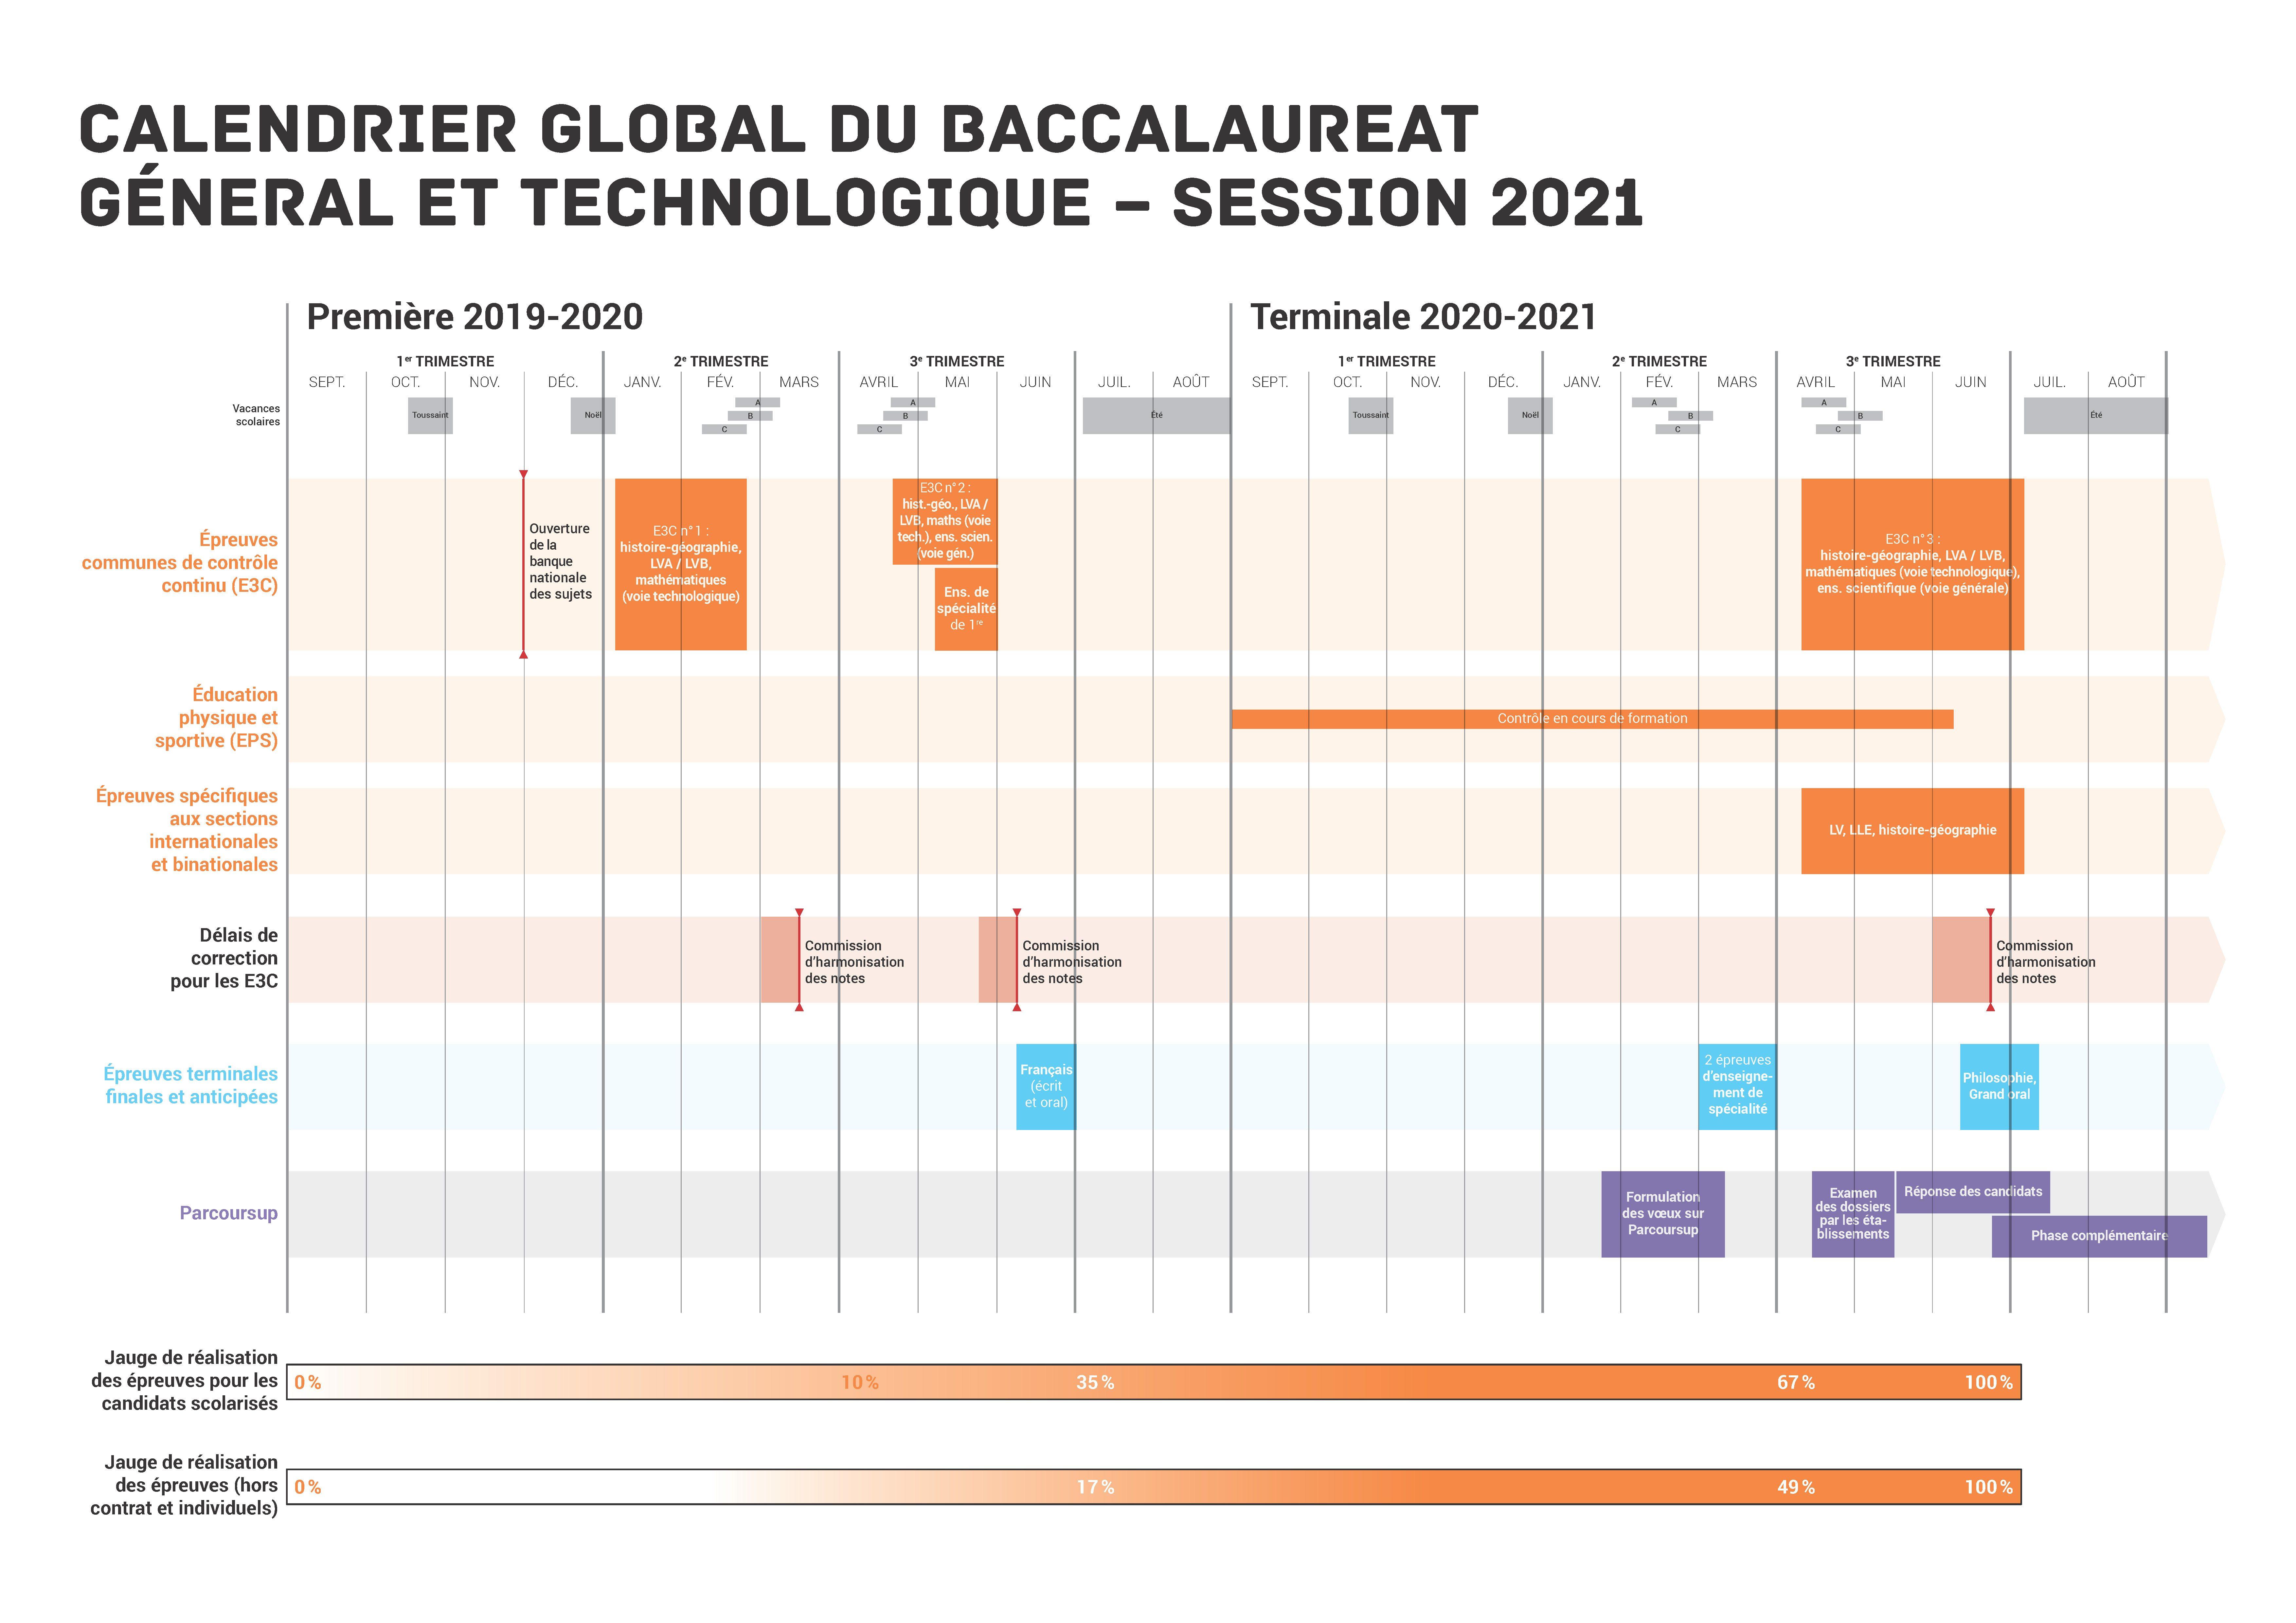 Calendrier Bac Es 2021 CALENDRIER GLOBAL DU BACCALAURÉAT GÉNÉRAL ET TECHNOLOGIQUE